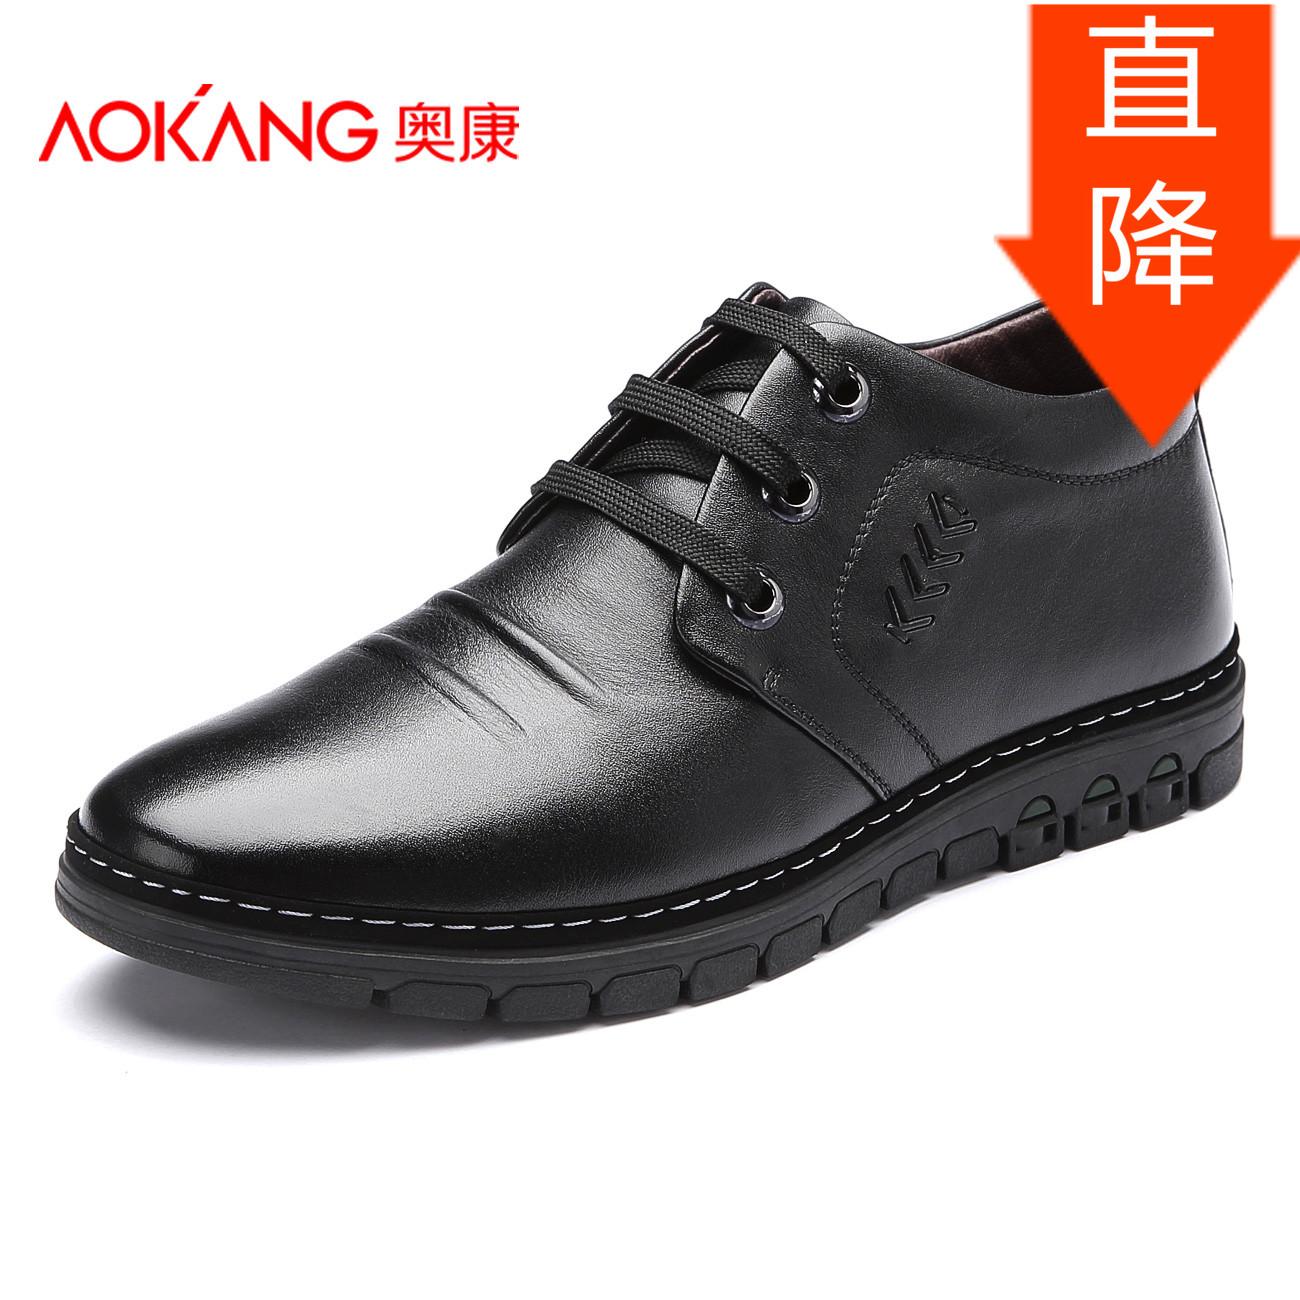 奥康男鞋2014冬季新款男士棉鞋真皮正装高帮皮鞋子男毛绒保暖短靴